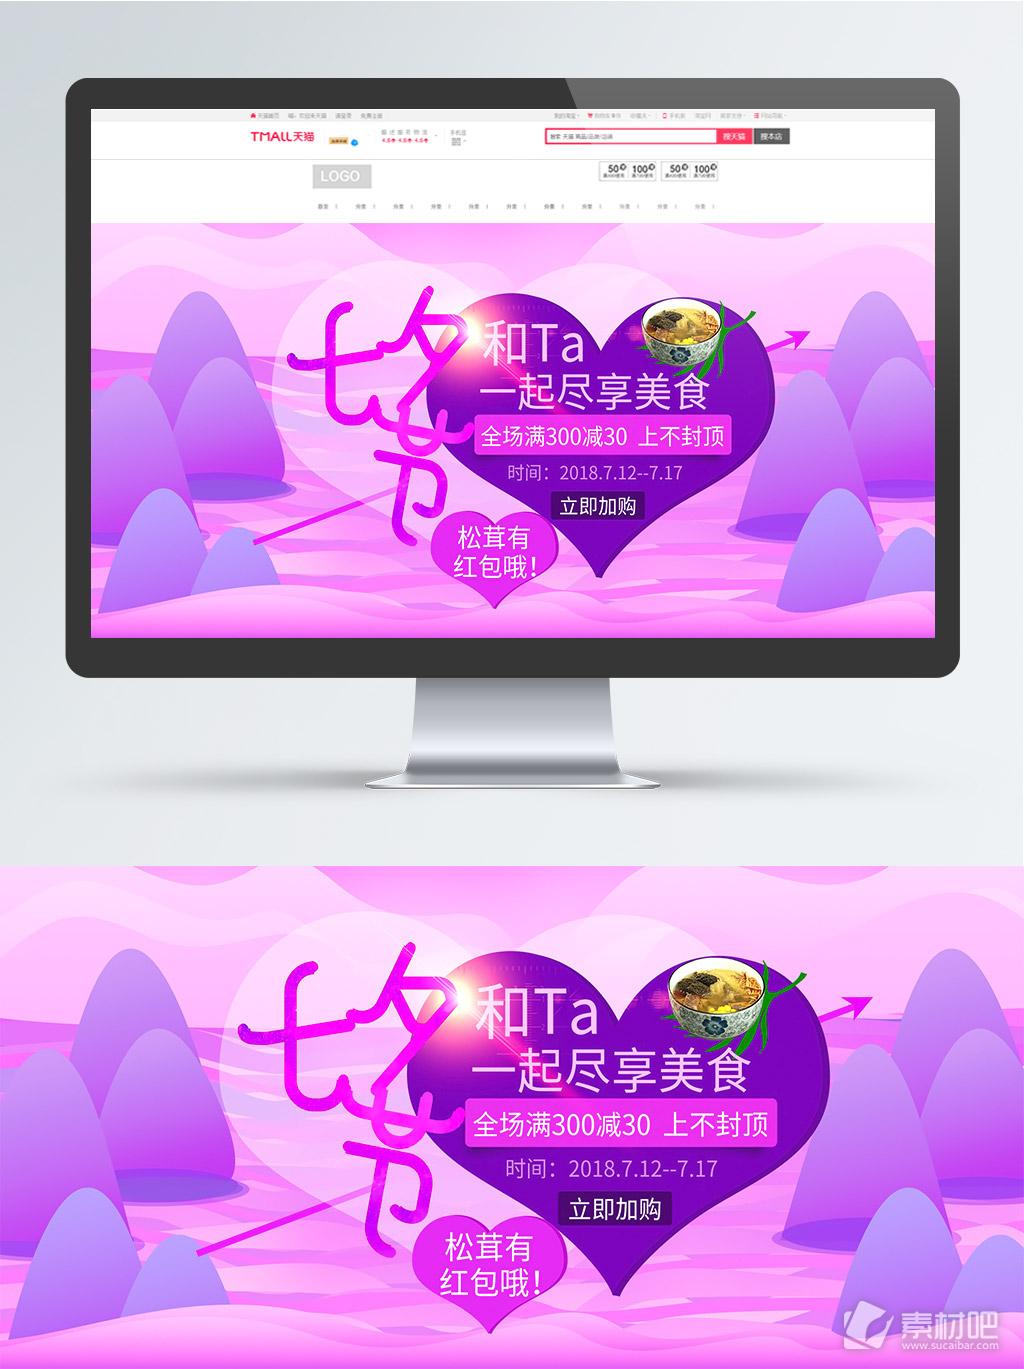 紫色红色渐变流体七夕情人节banner